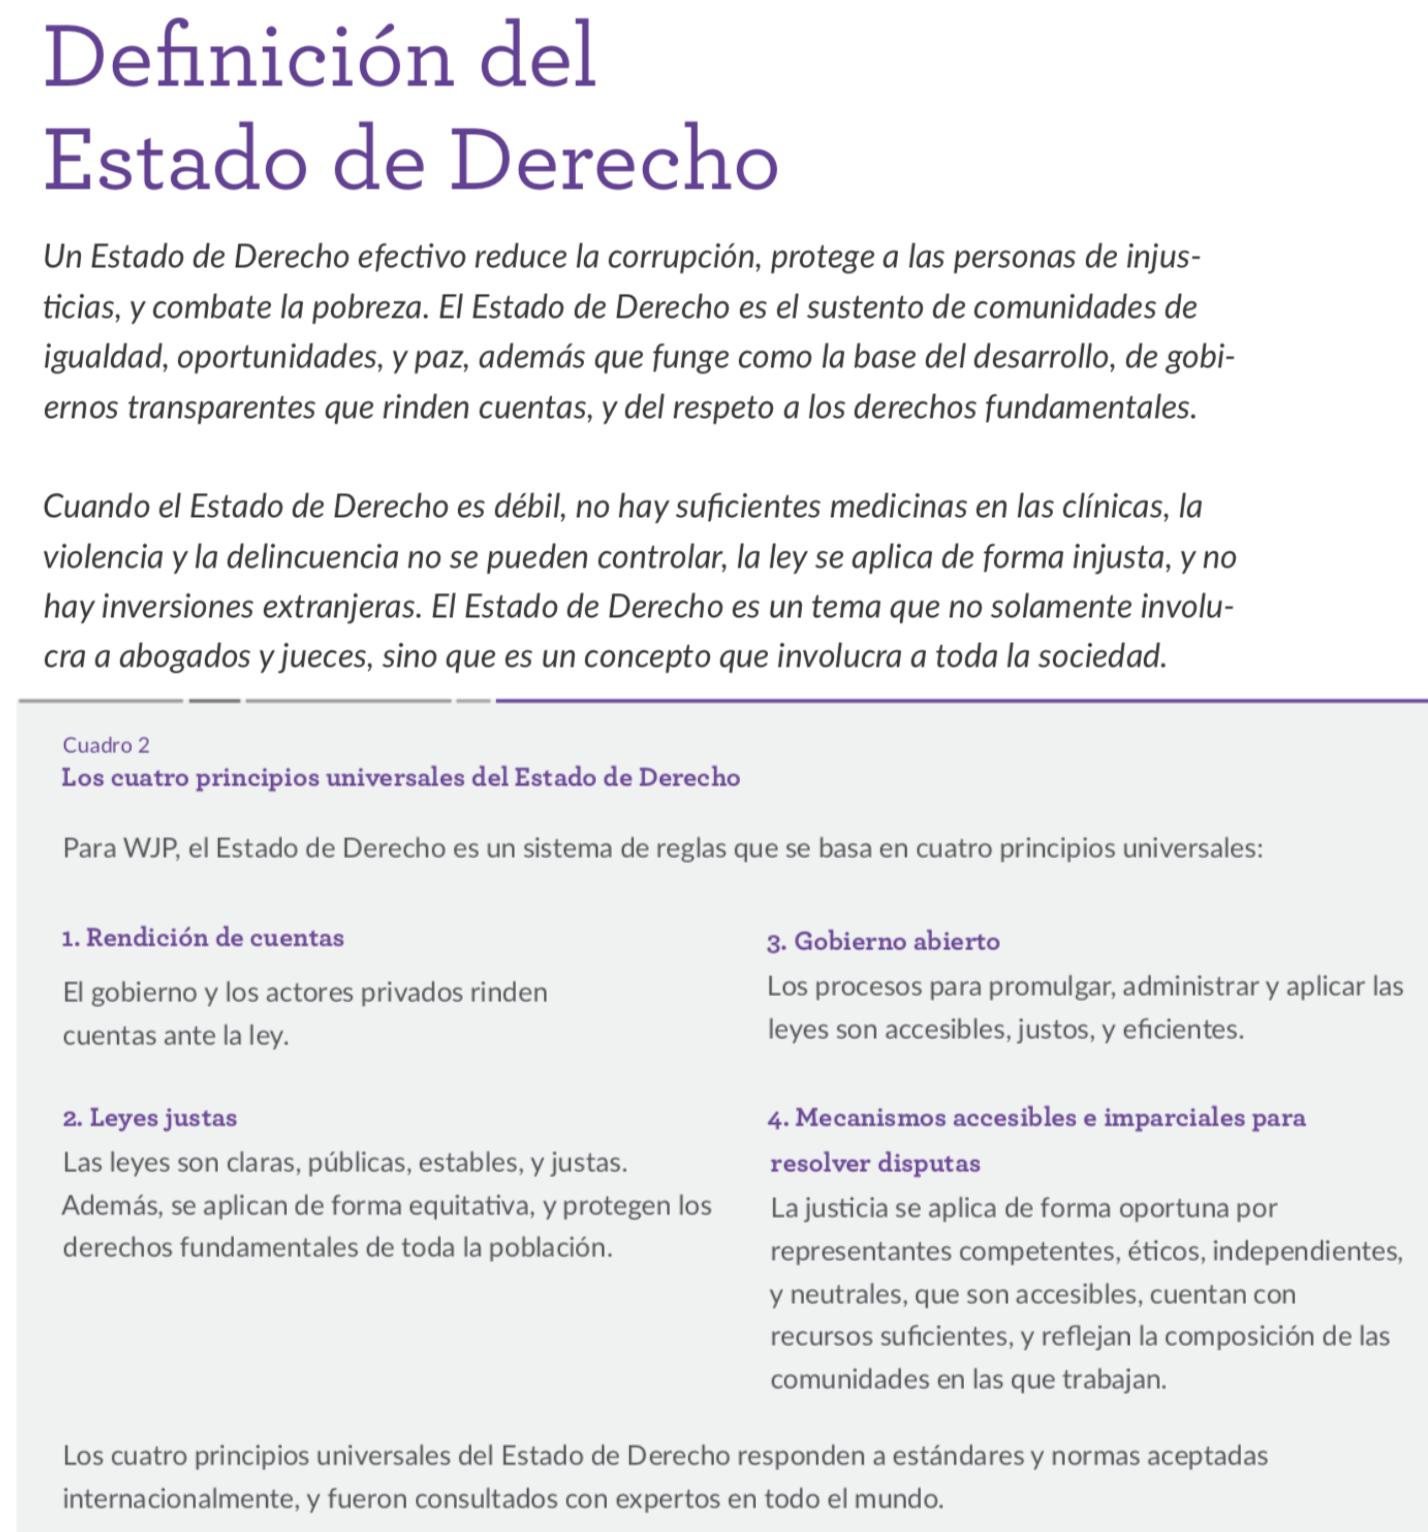 World Justice Proyect. Índice de Estado de Derecho 2017-2018